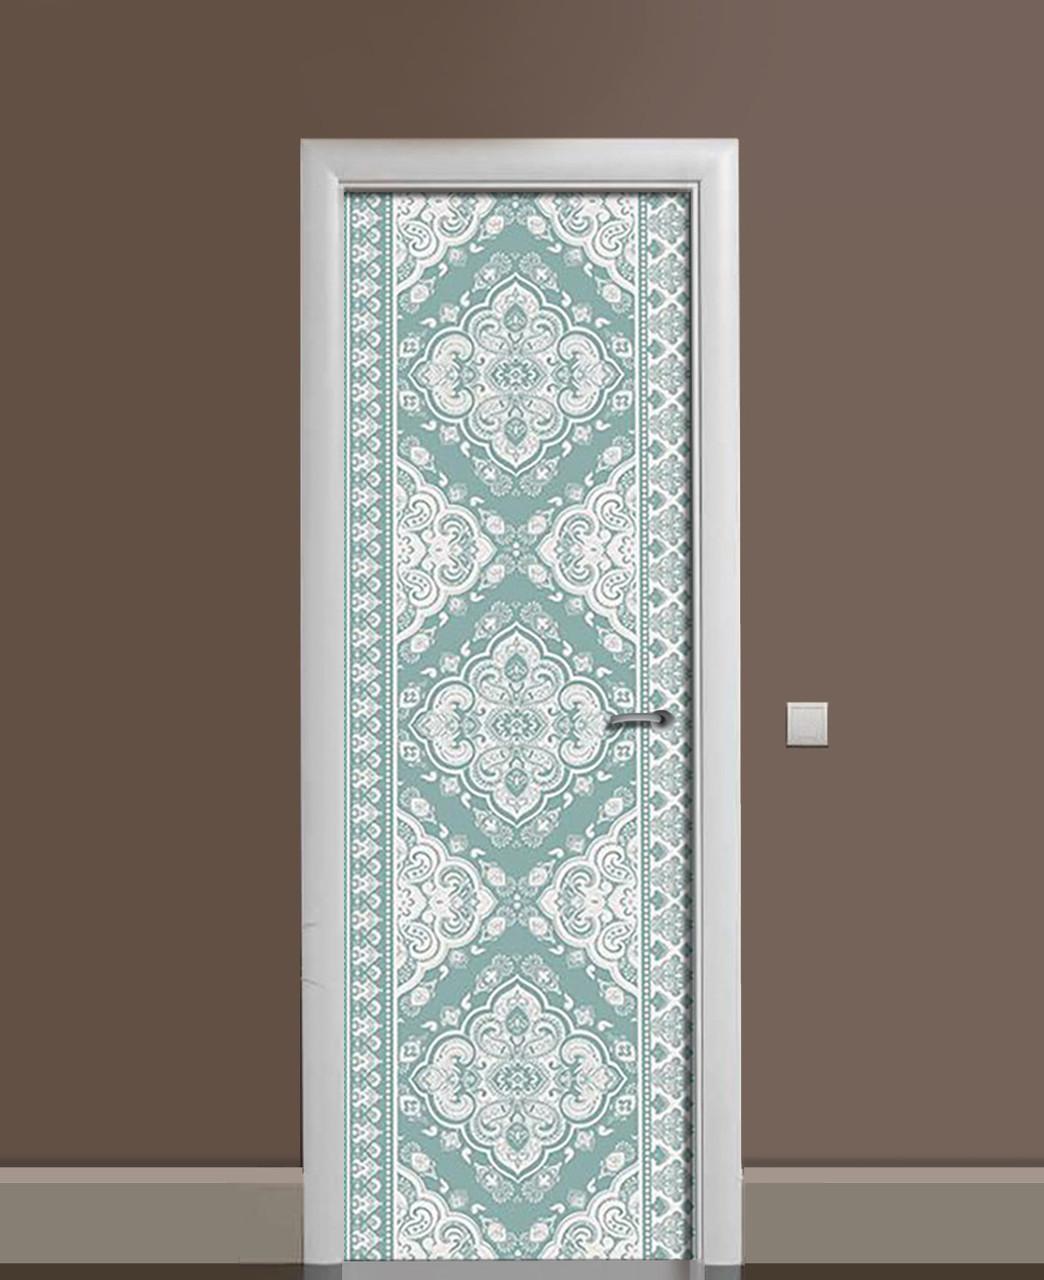 Вінілові наклейки на двері Ажурні Візерунки Мереживо ПВХ плівка з ламінуванням 65*200см Абстракція Блакитний